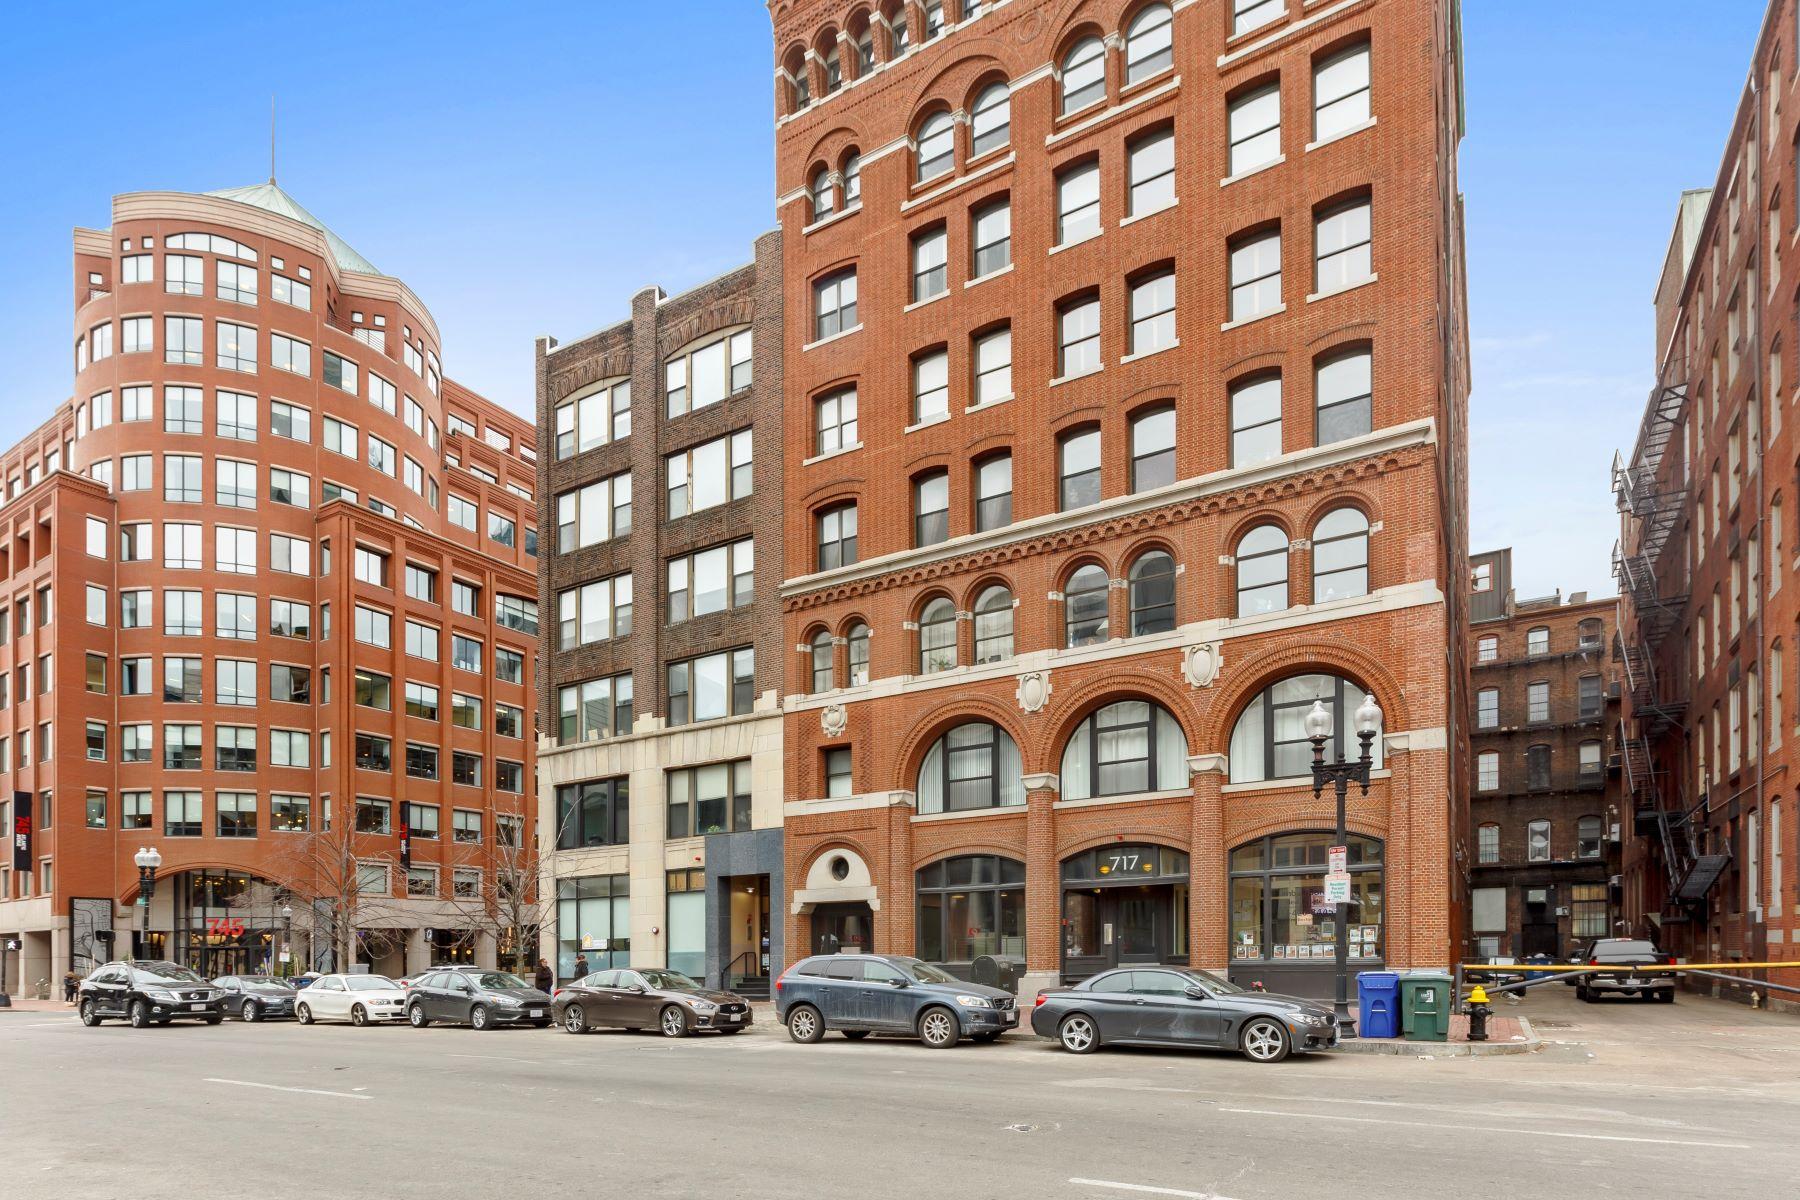 콘도미니엄 용 매매 에 Classic Leather District Loft 717 Atlantic Avenue Unit 4A Leather District, Boston, 매사추세츠, 02111 미국